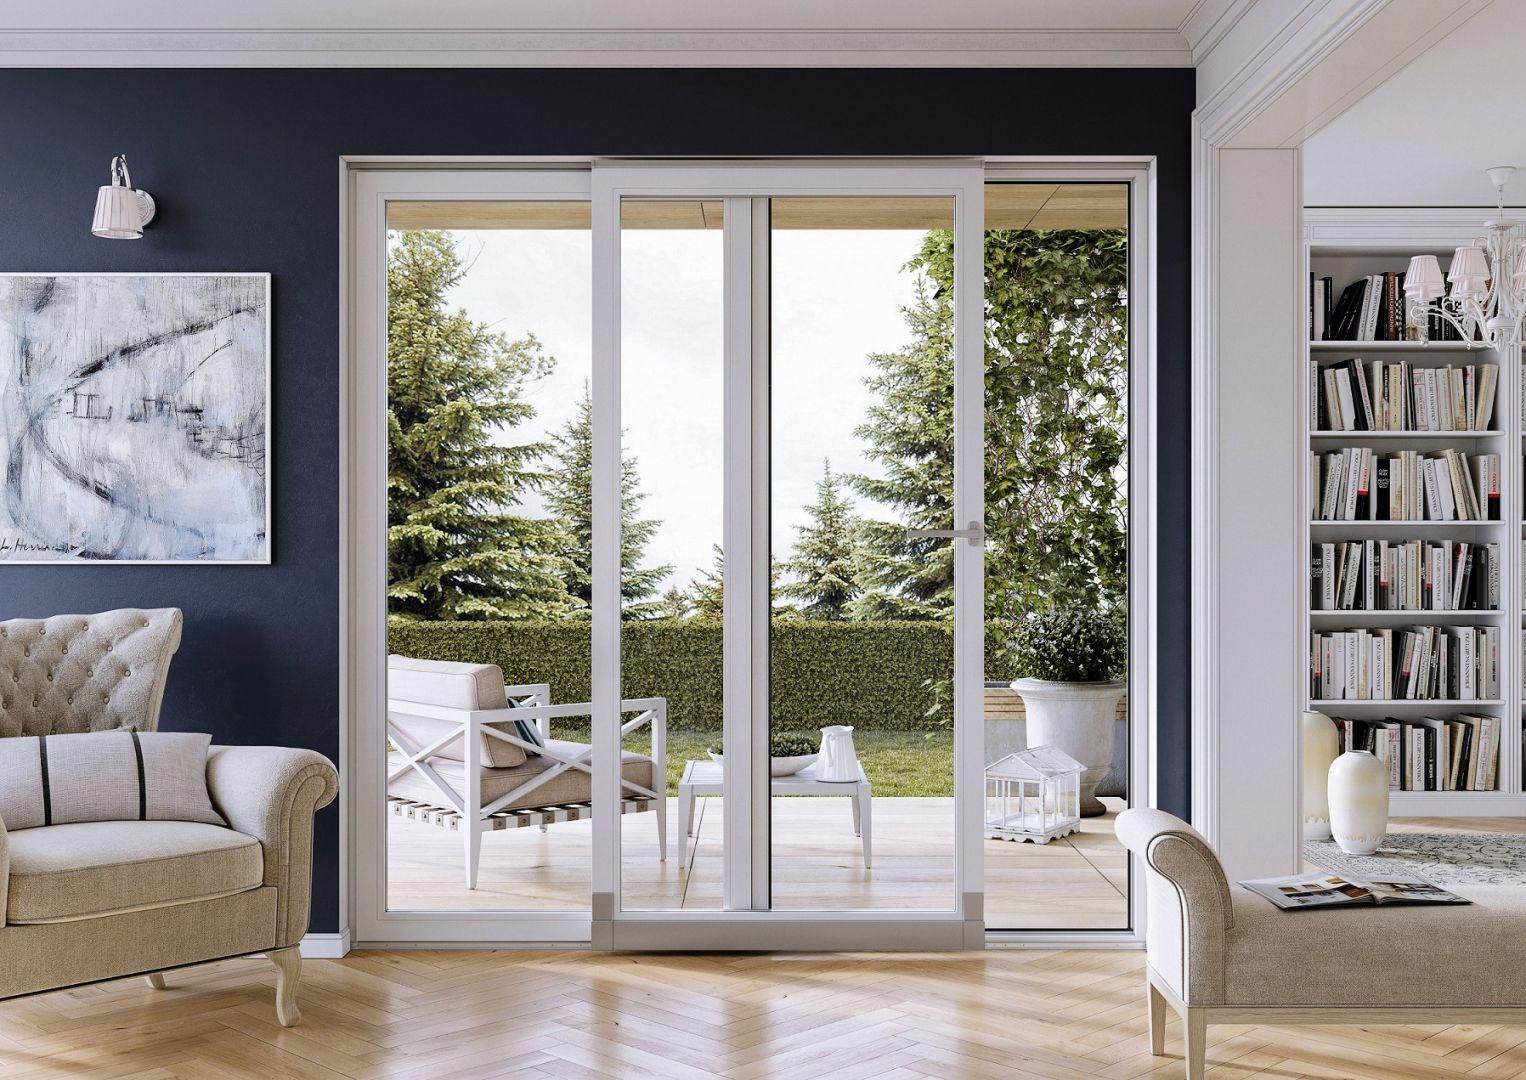 """Duże okna lub drzwi przesuwne """"otwierają"""" wnętrze na przestrzeń wokół domu. Zapewniają też piękne widoki. Fot. Vetrex"""